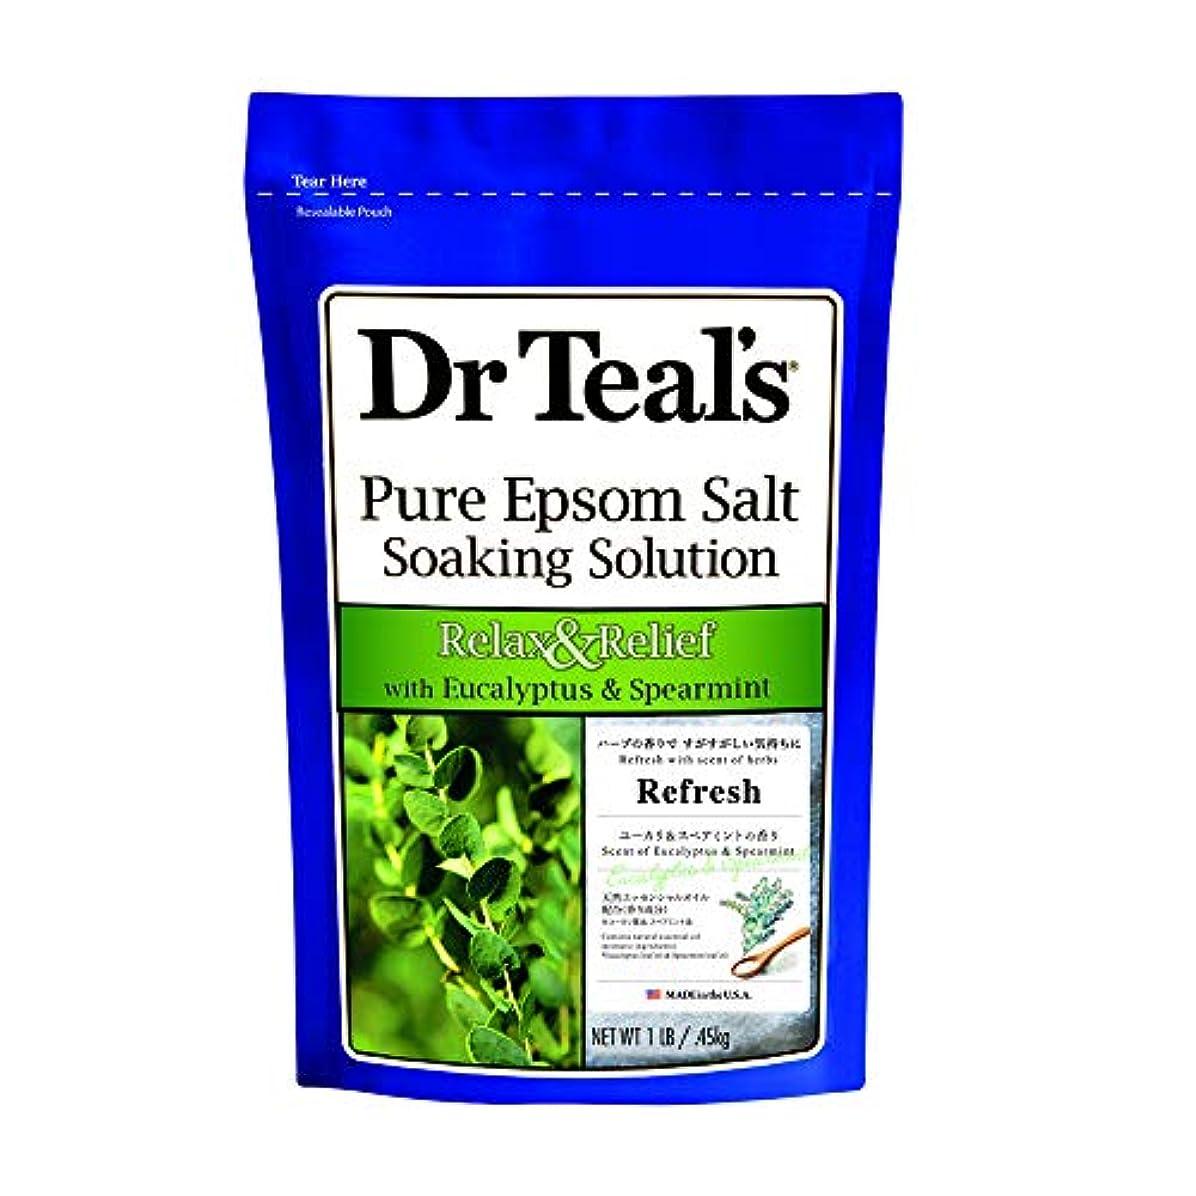 剛性リダクター不安定Dr Teal's(ティールズ) フレグランスエプソムソルト ユーカリ&スペアミント 入浴剤 453g